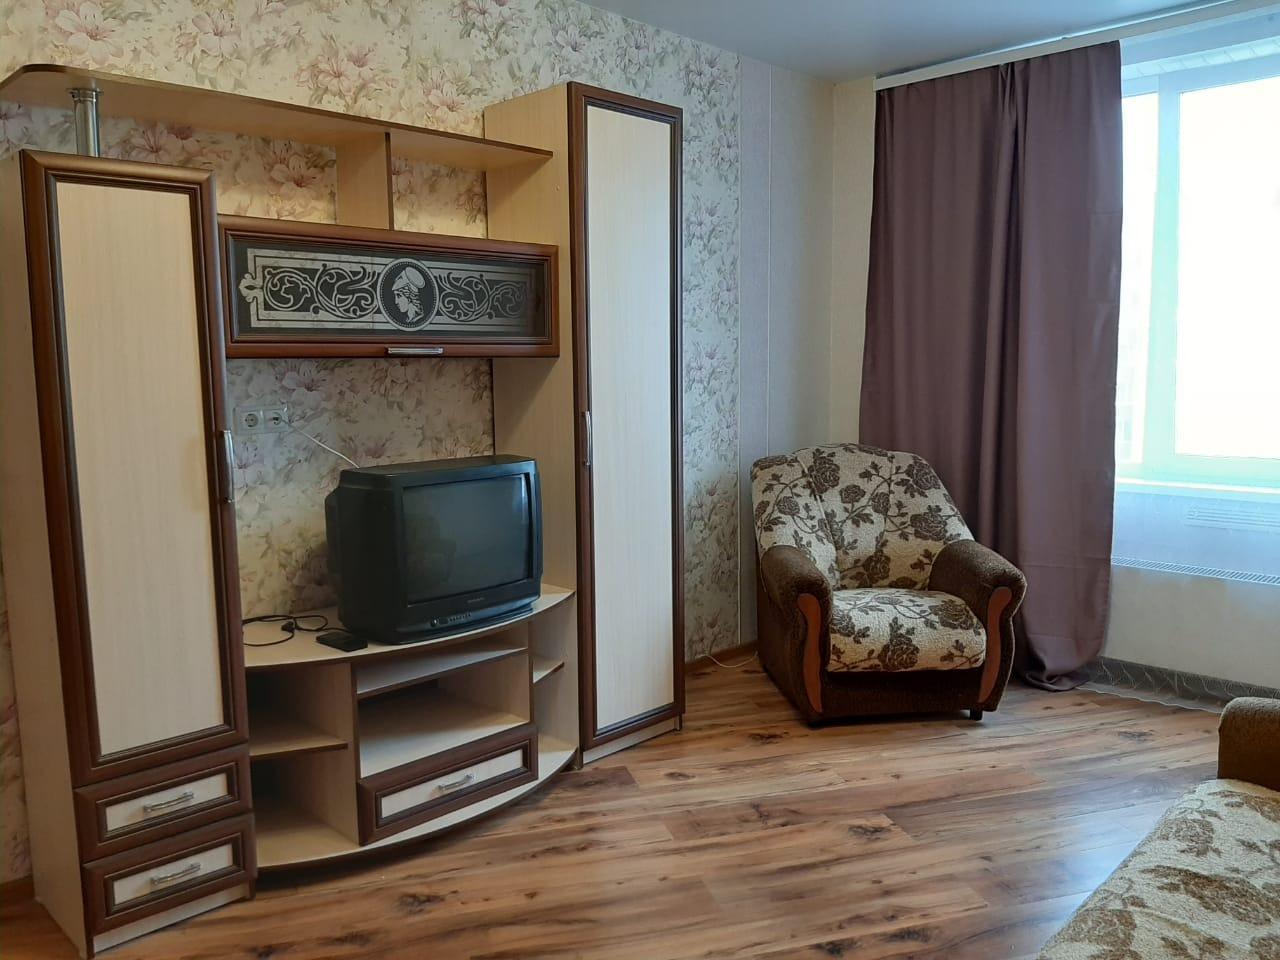 1к квартира улица Батурина, 30 к1 | 14500 | аренда в Красноярске фото 3